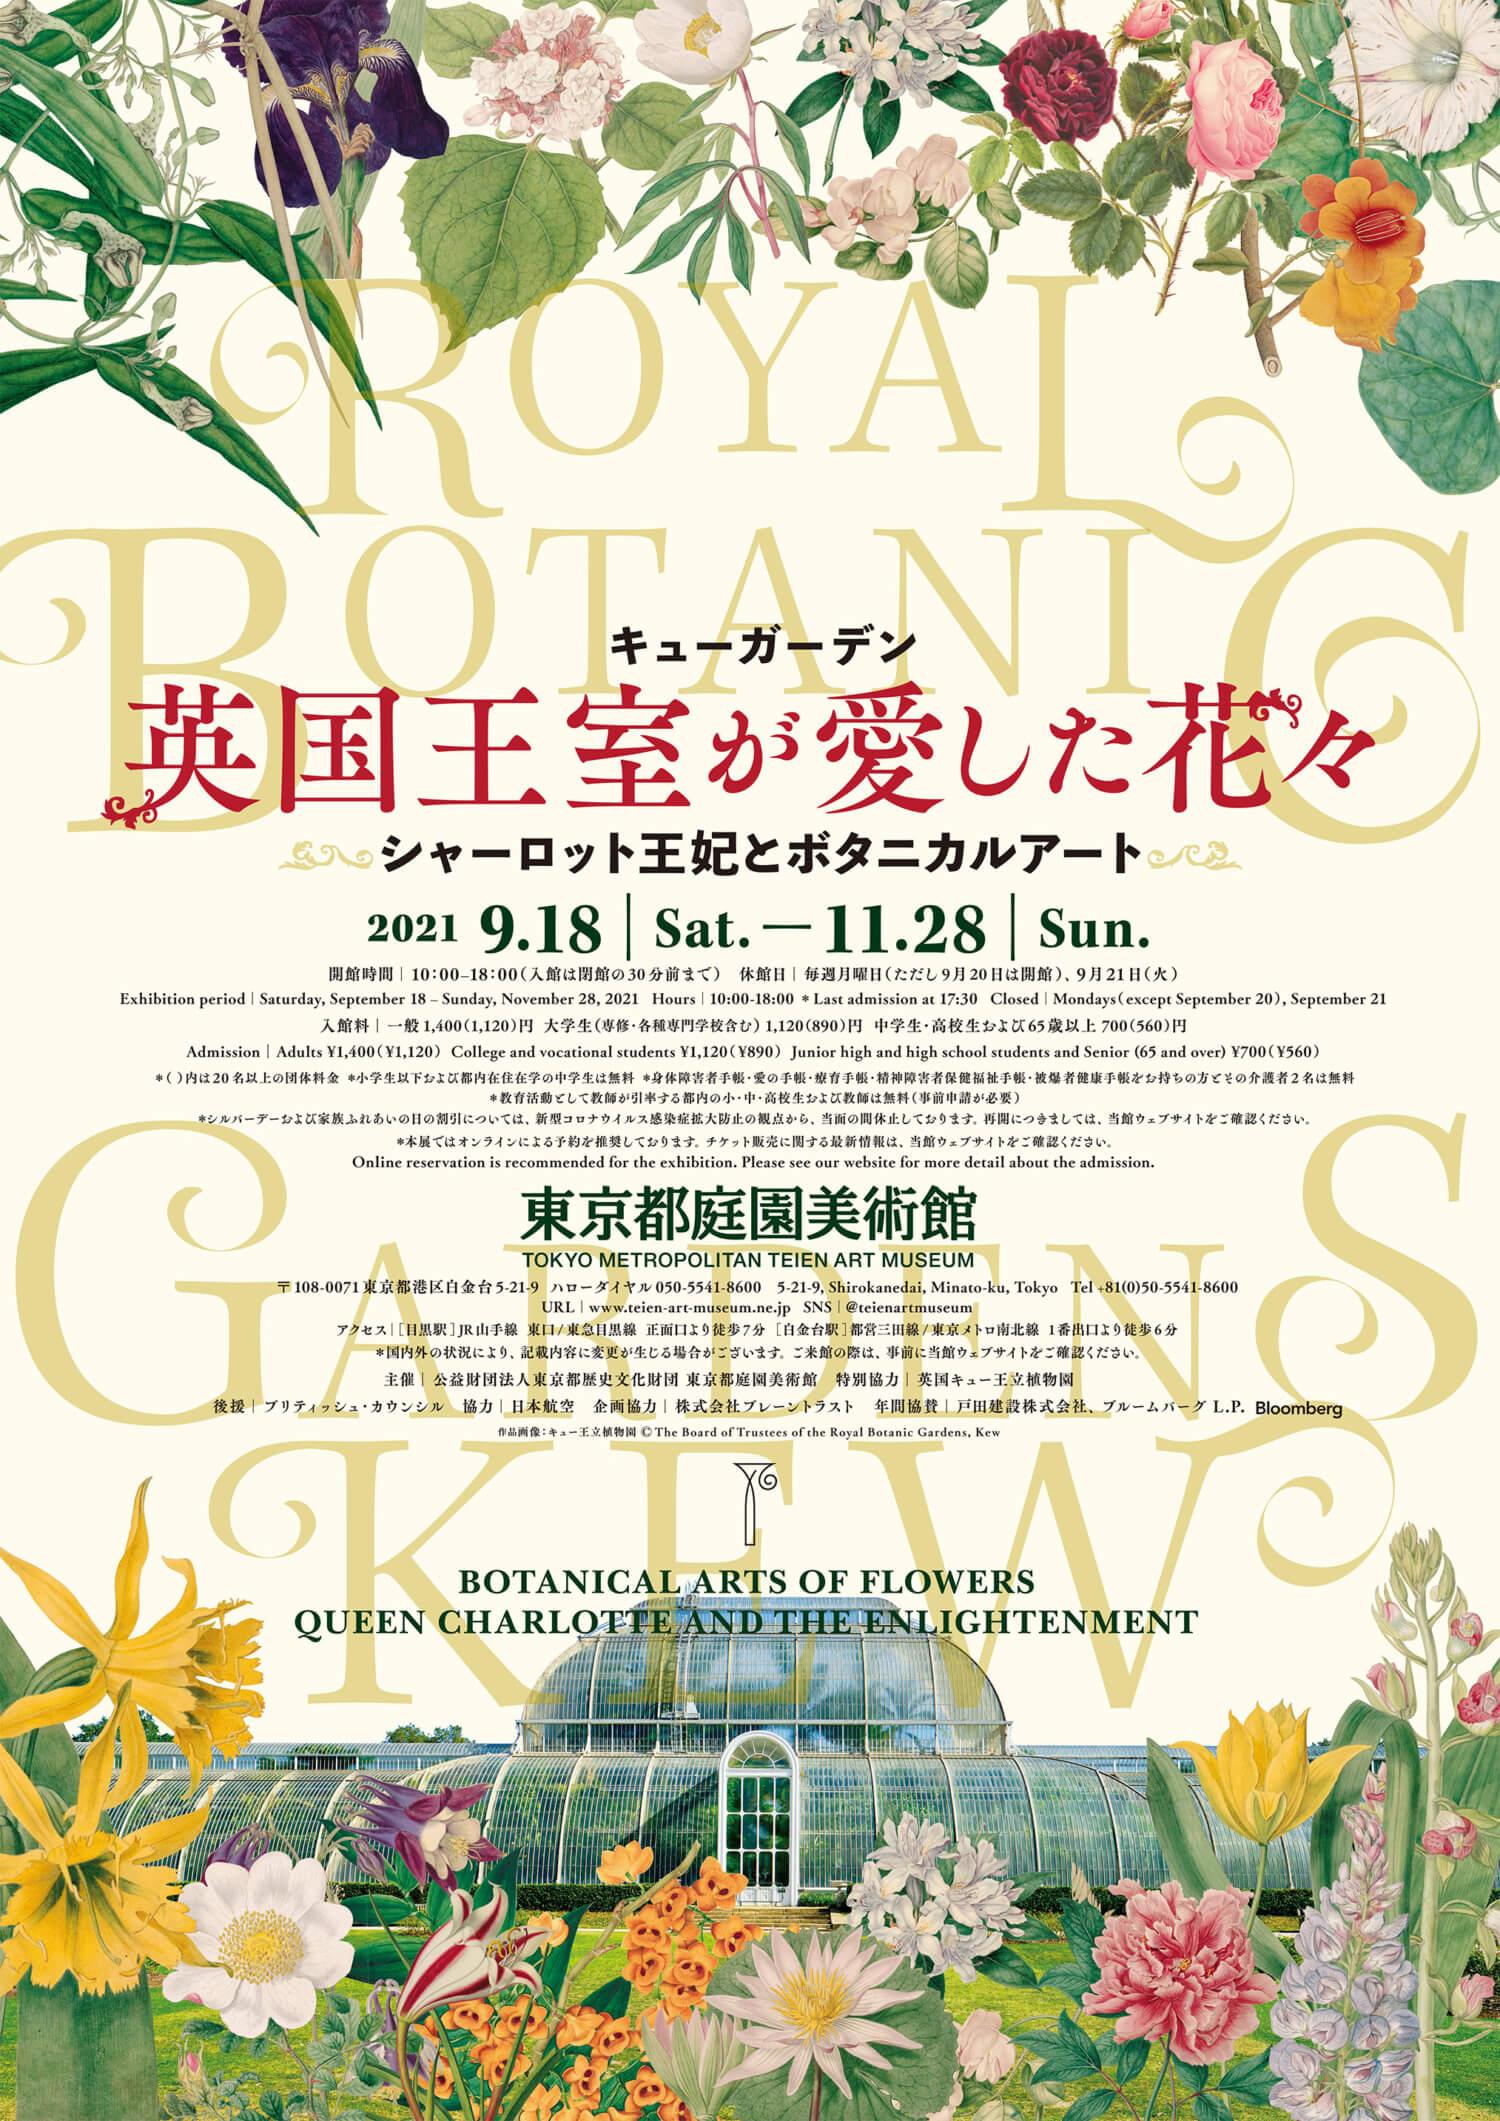 「キューガーデン 英国王室が愛した花々 シャーロット王妃とボタニカルアート」展ポスター